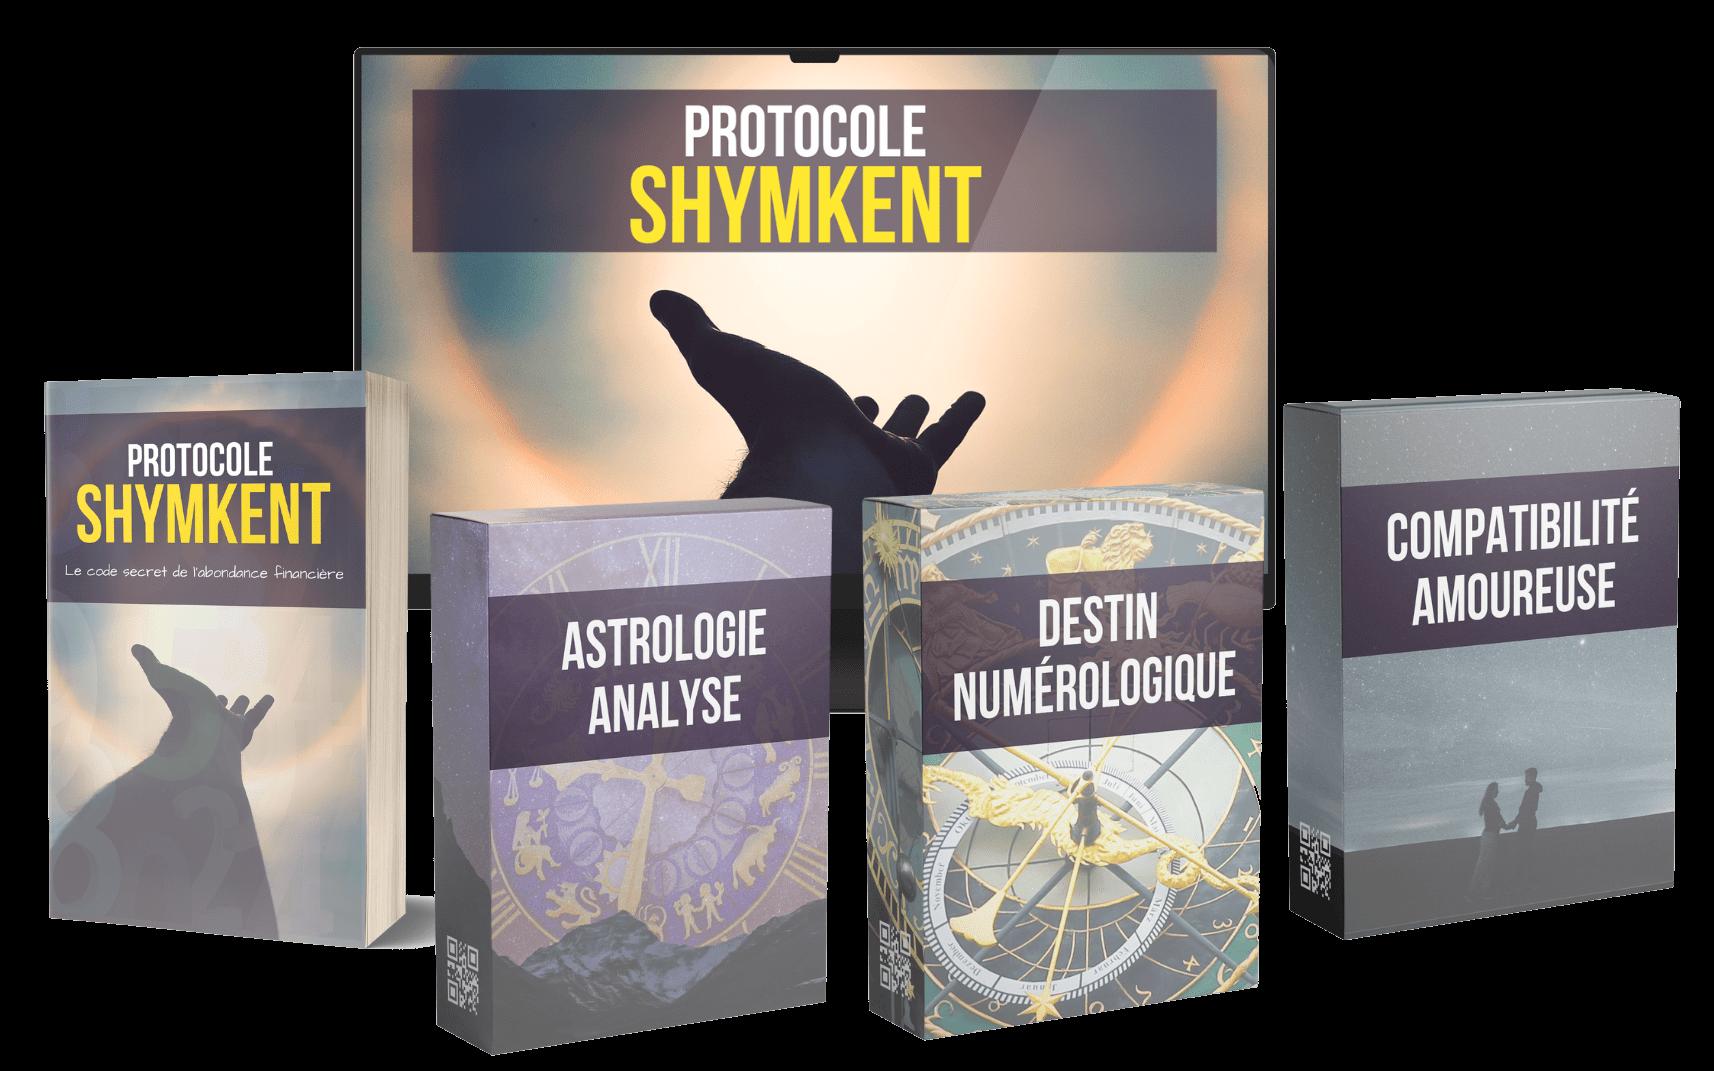 Protocole Shymkent : le nouveau BULLDOZER sulfureux en abondance ! (+ BONUS $$$)